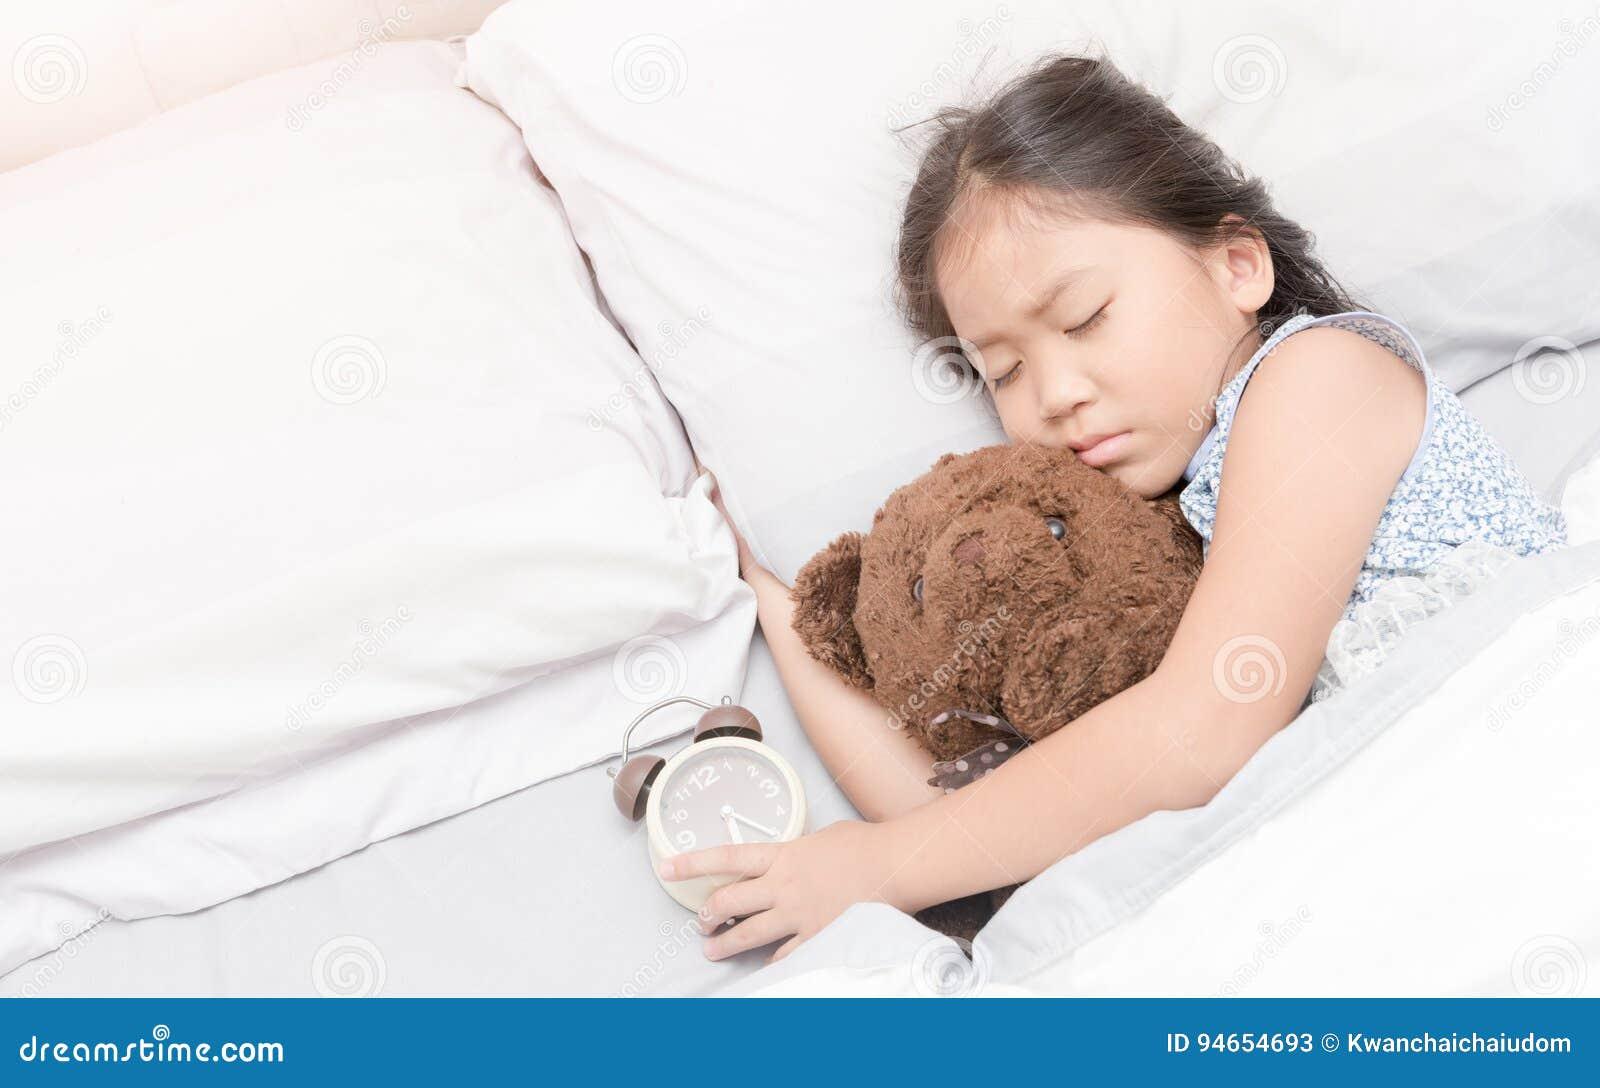 410578a95648 Cute Little Asian Girl Sleep And Hug Teddy Bear Stock Image - Image ...